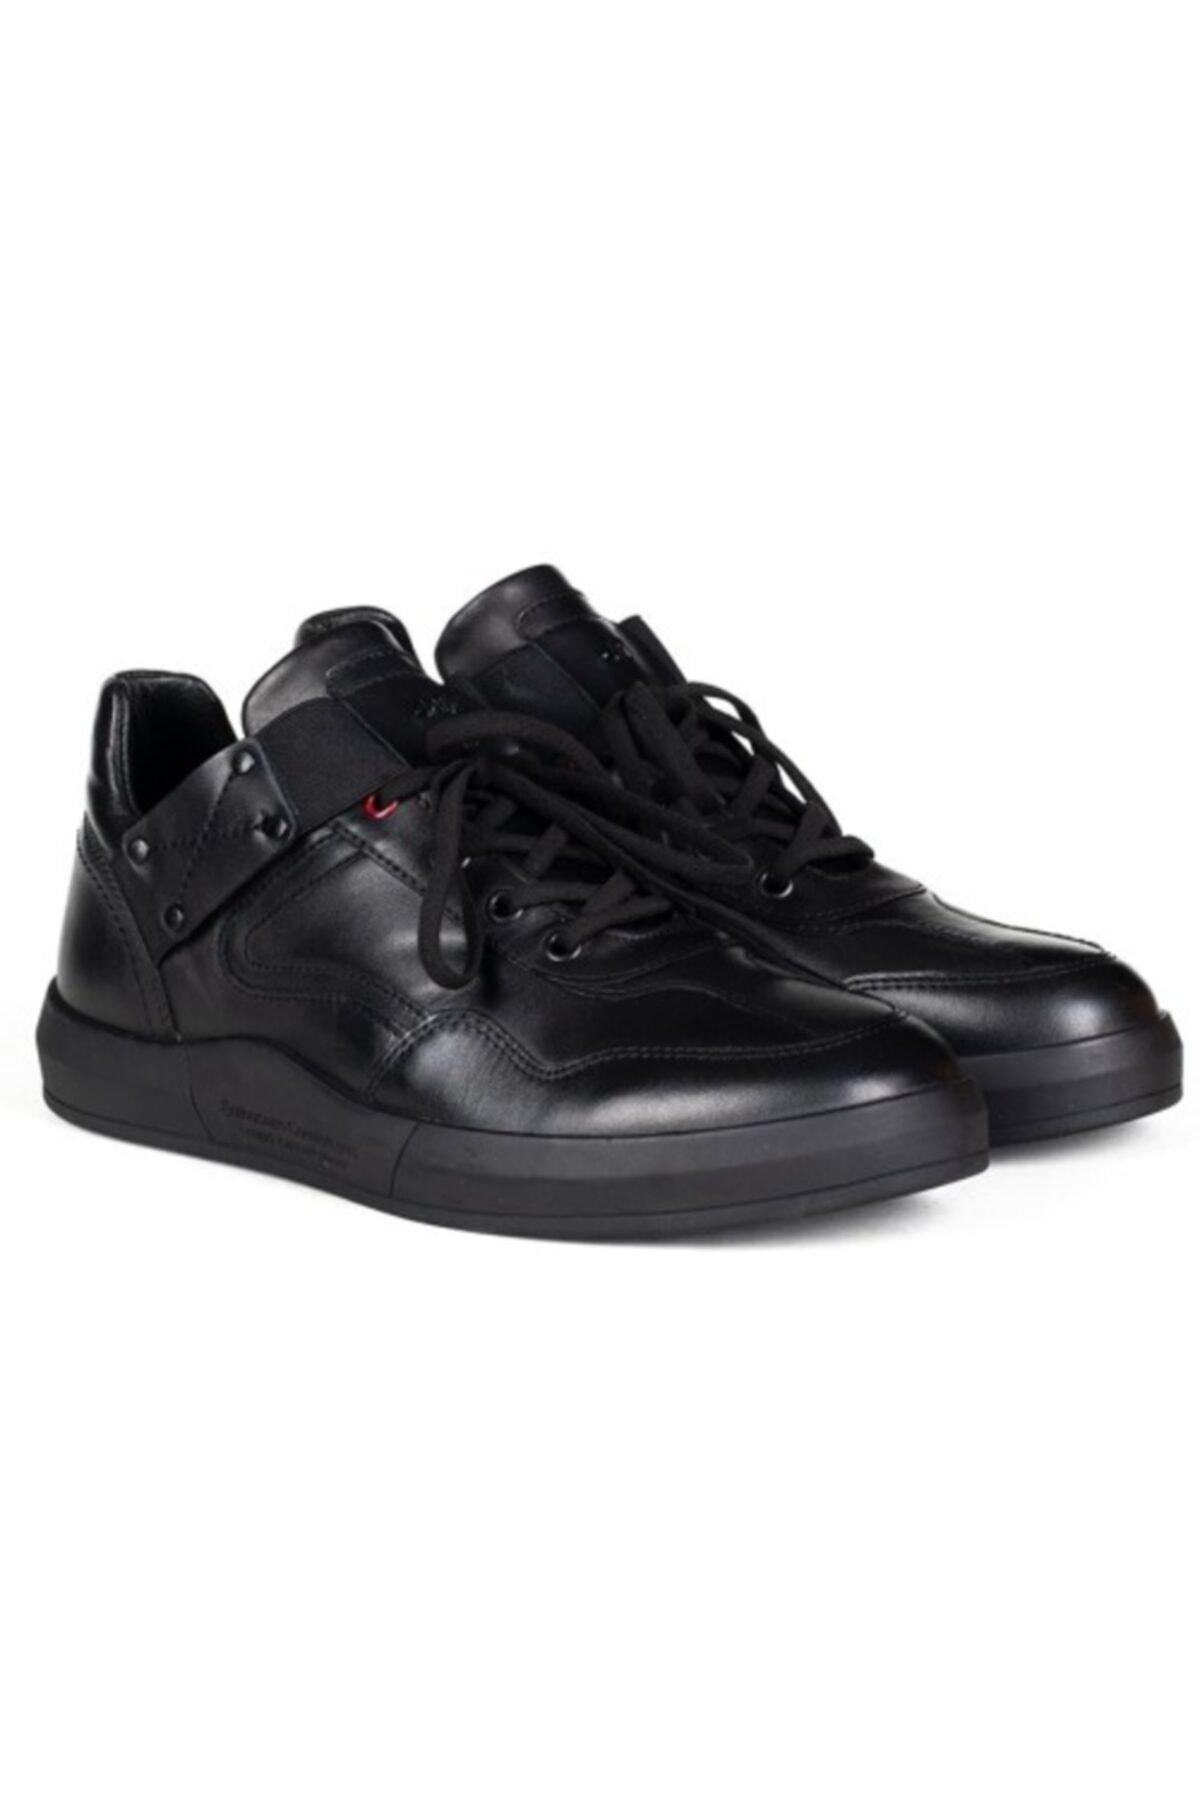 Greyder Erkek Sıyah Casual Ayakkabı 0K1CA12776 2